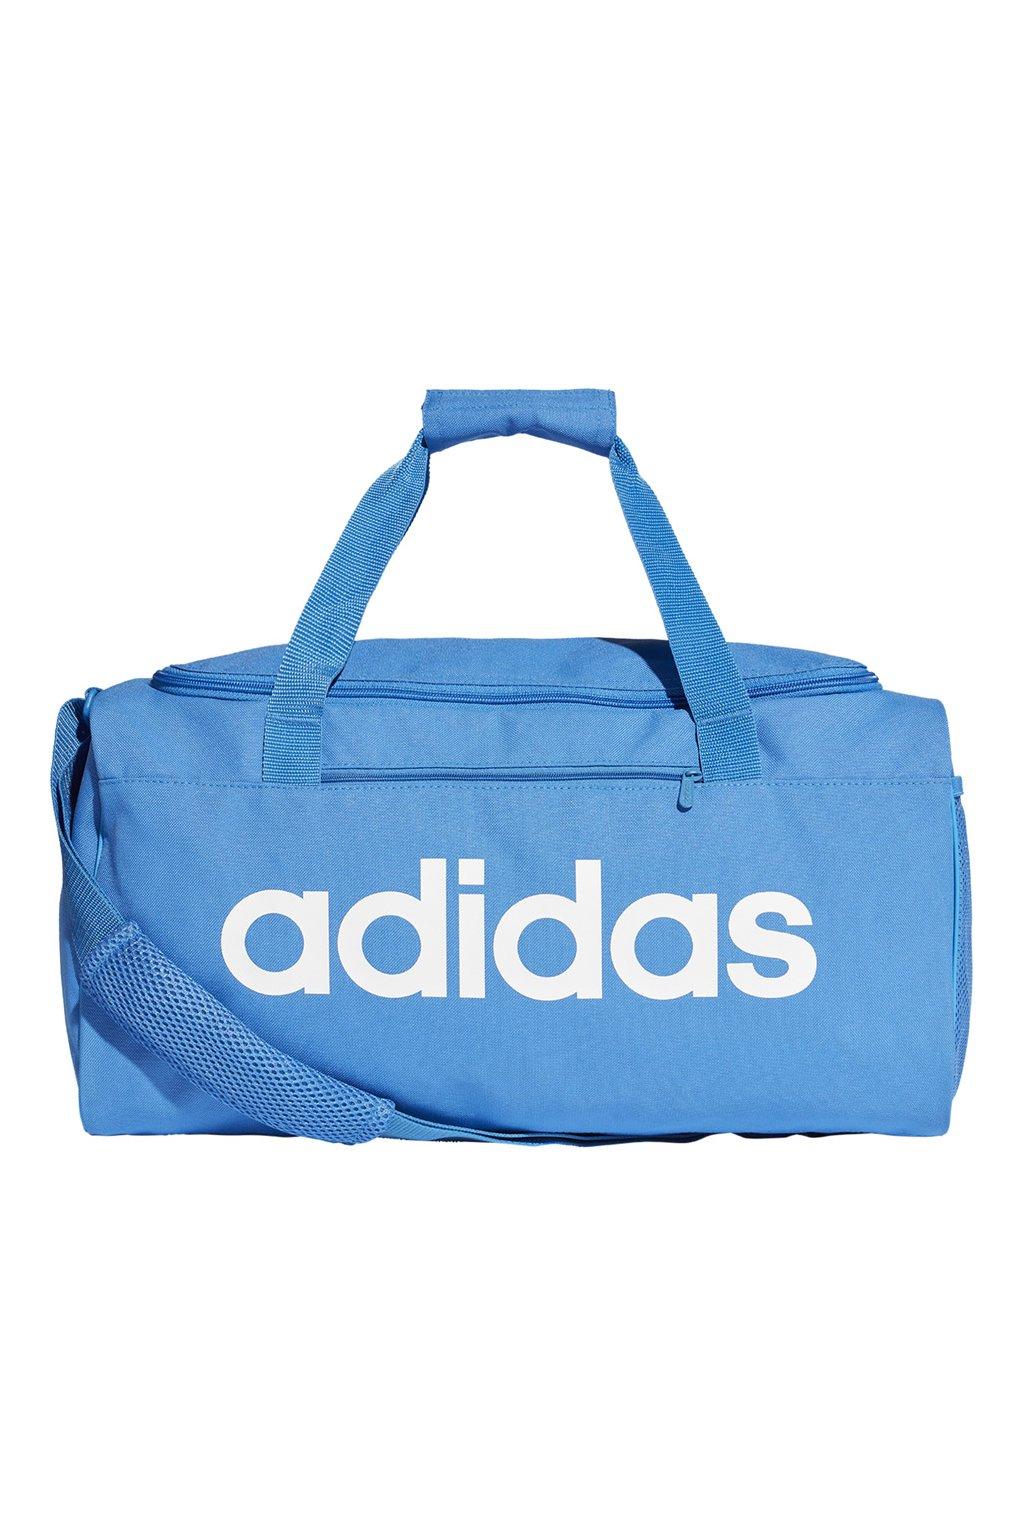 Taška Adidas Linear Core Duffel S modrá DT8623